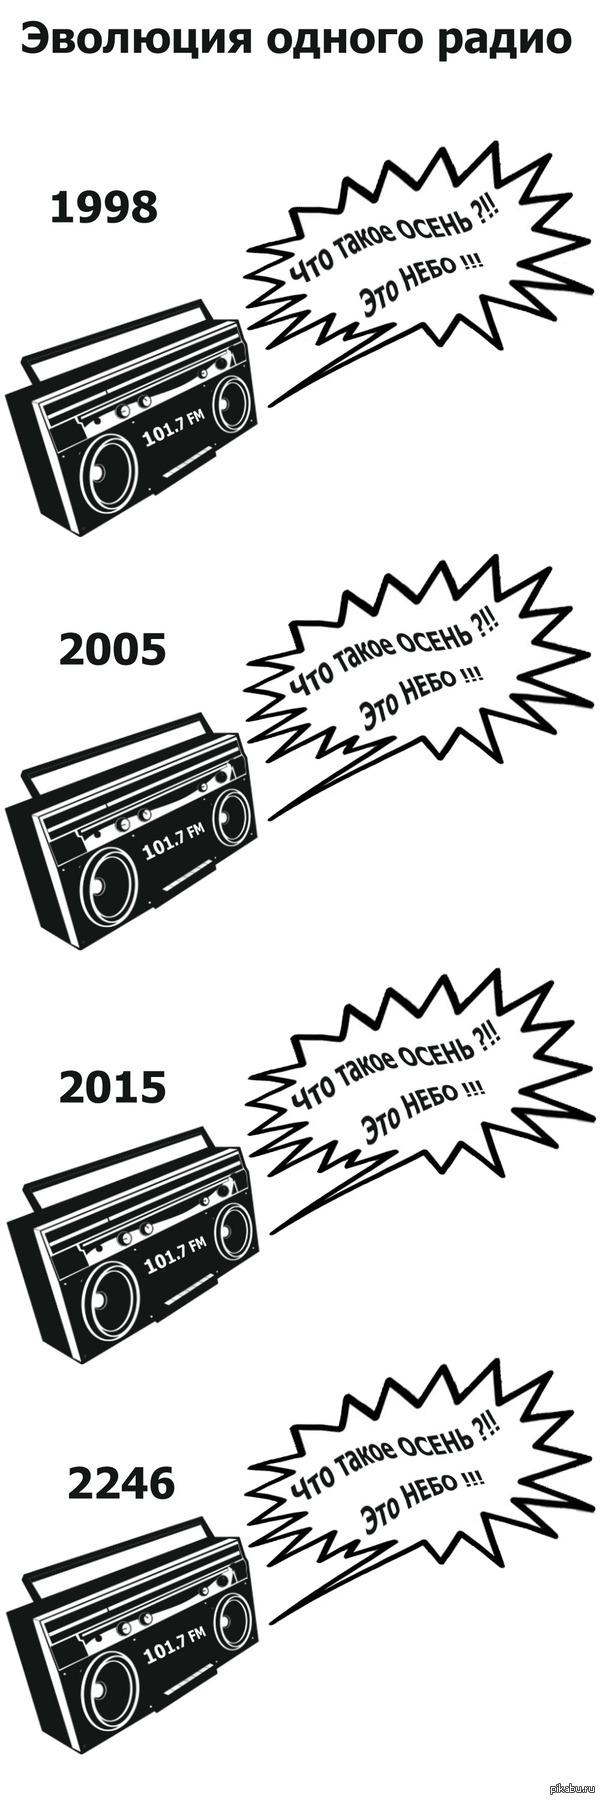 Эволюция одного радио